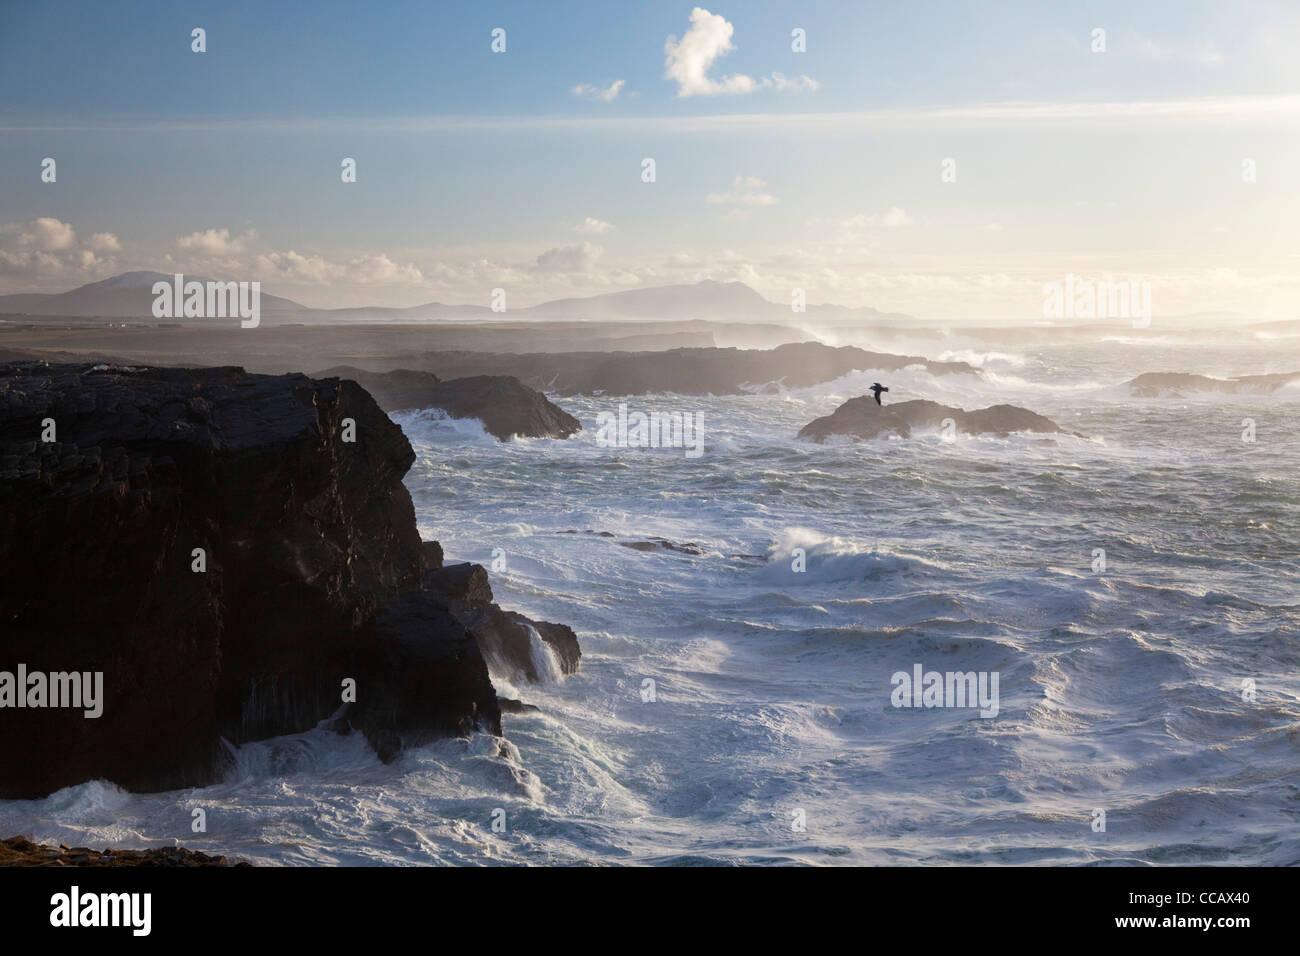 Une mer près de la falaise de Belmullet, Comté de Mayo, Irlande. Photo Stock